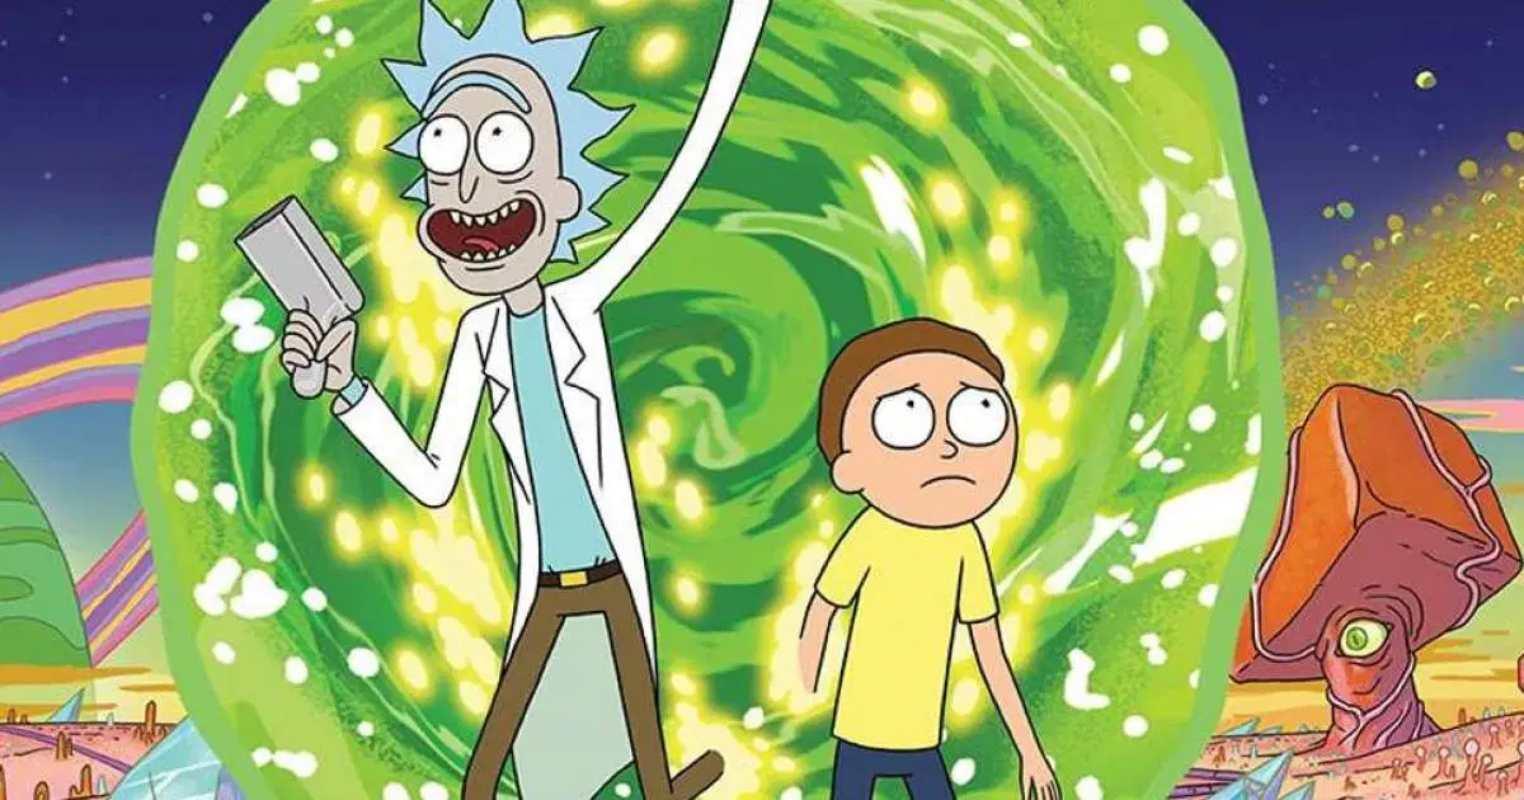 Stagione 4 di Rick and Morty: data di uscita, trailer e trama